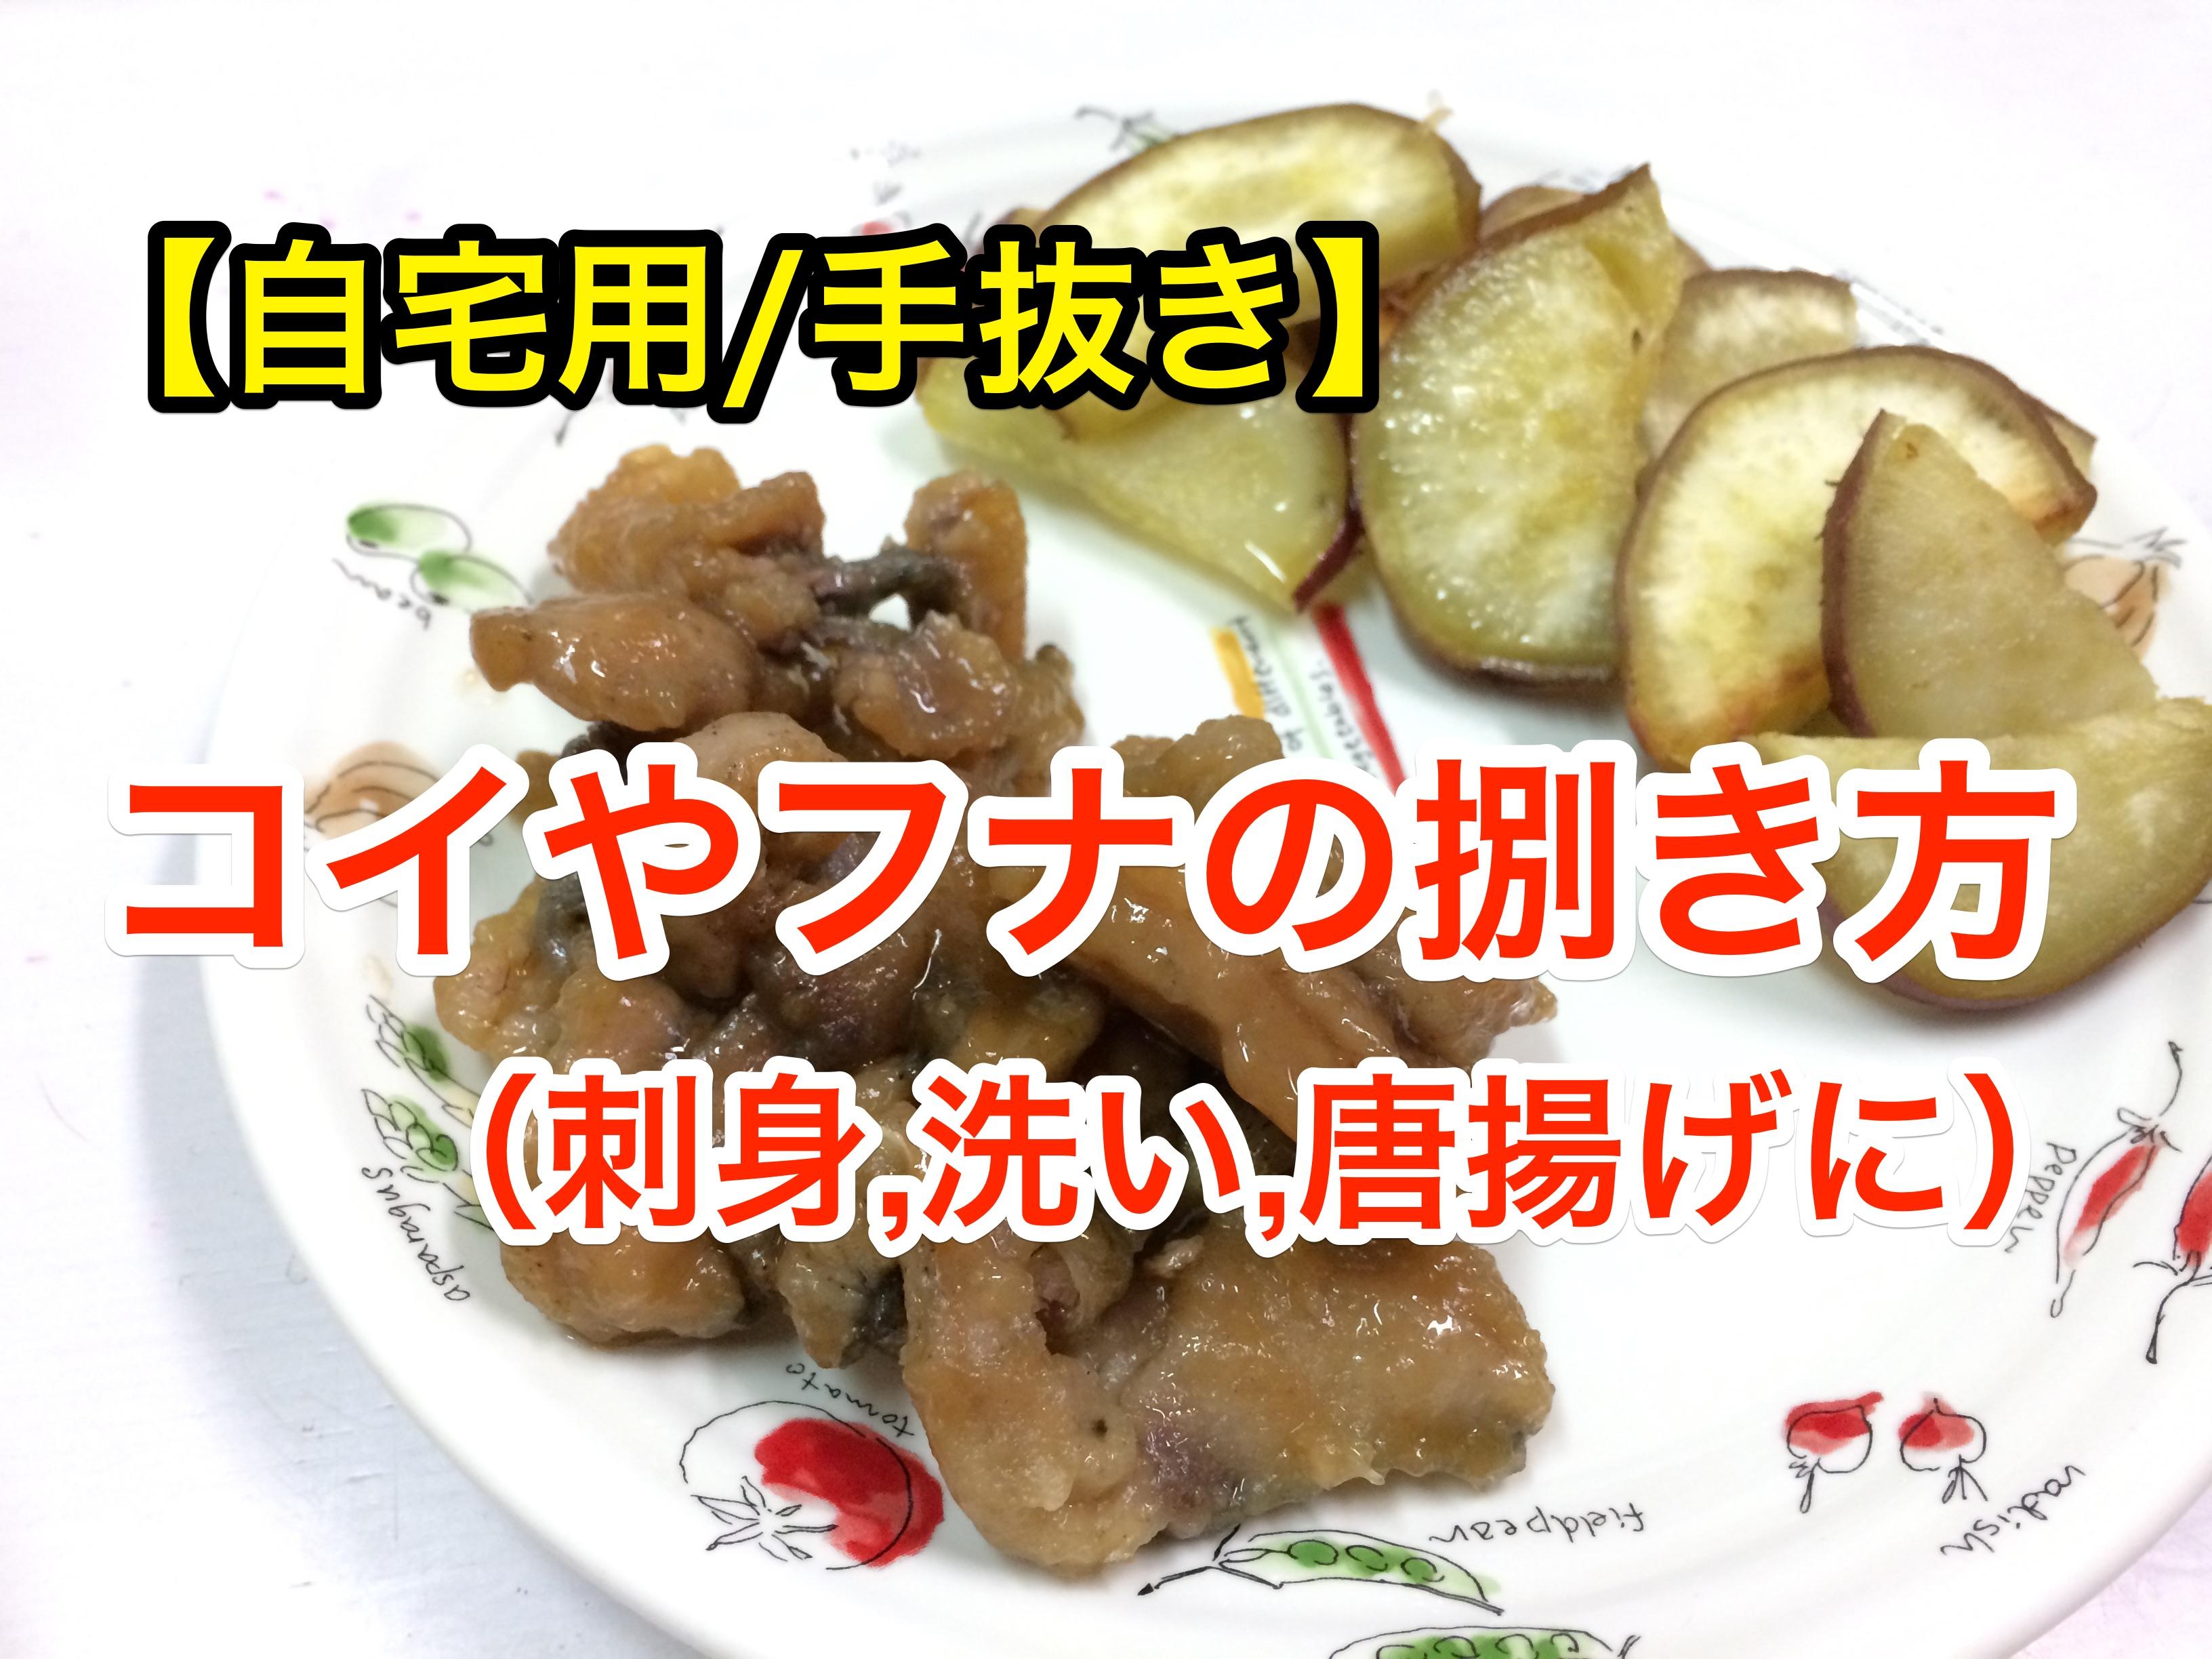 【自宅/手抜き】鯉やフナのさばき方(刺身,洗い,唐揚げに)